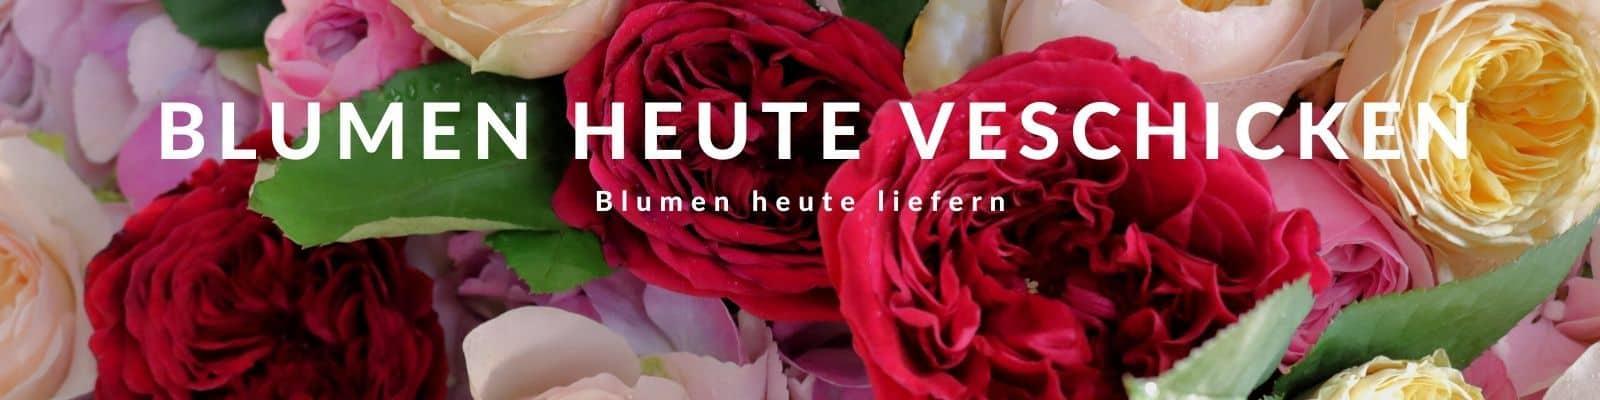 Blumen-heute-verschicken-Blumenversand heute